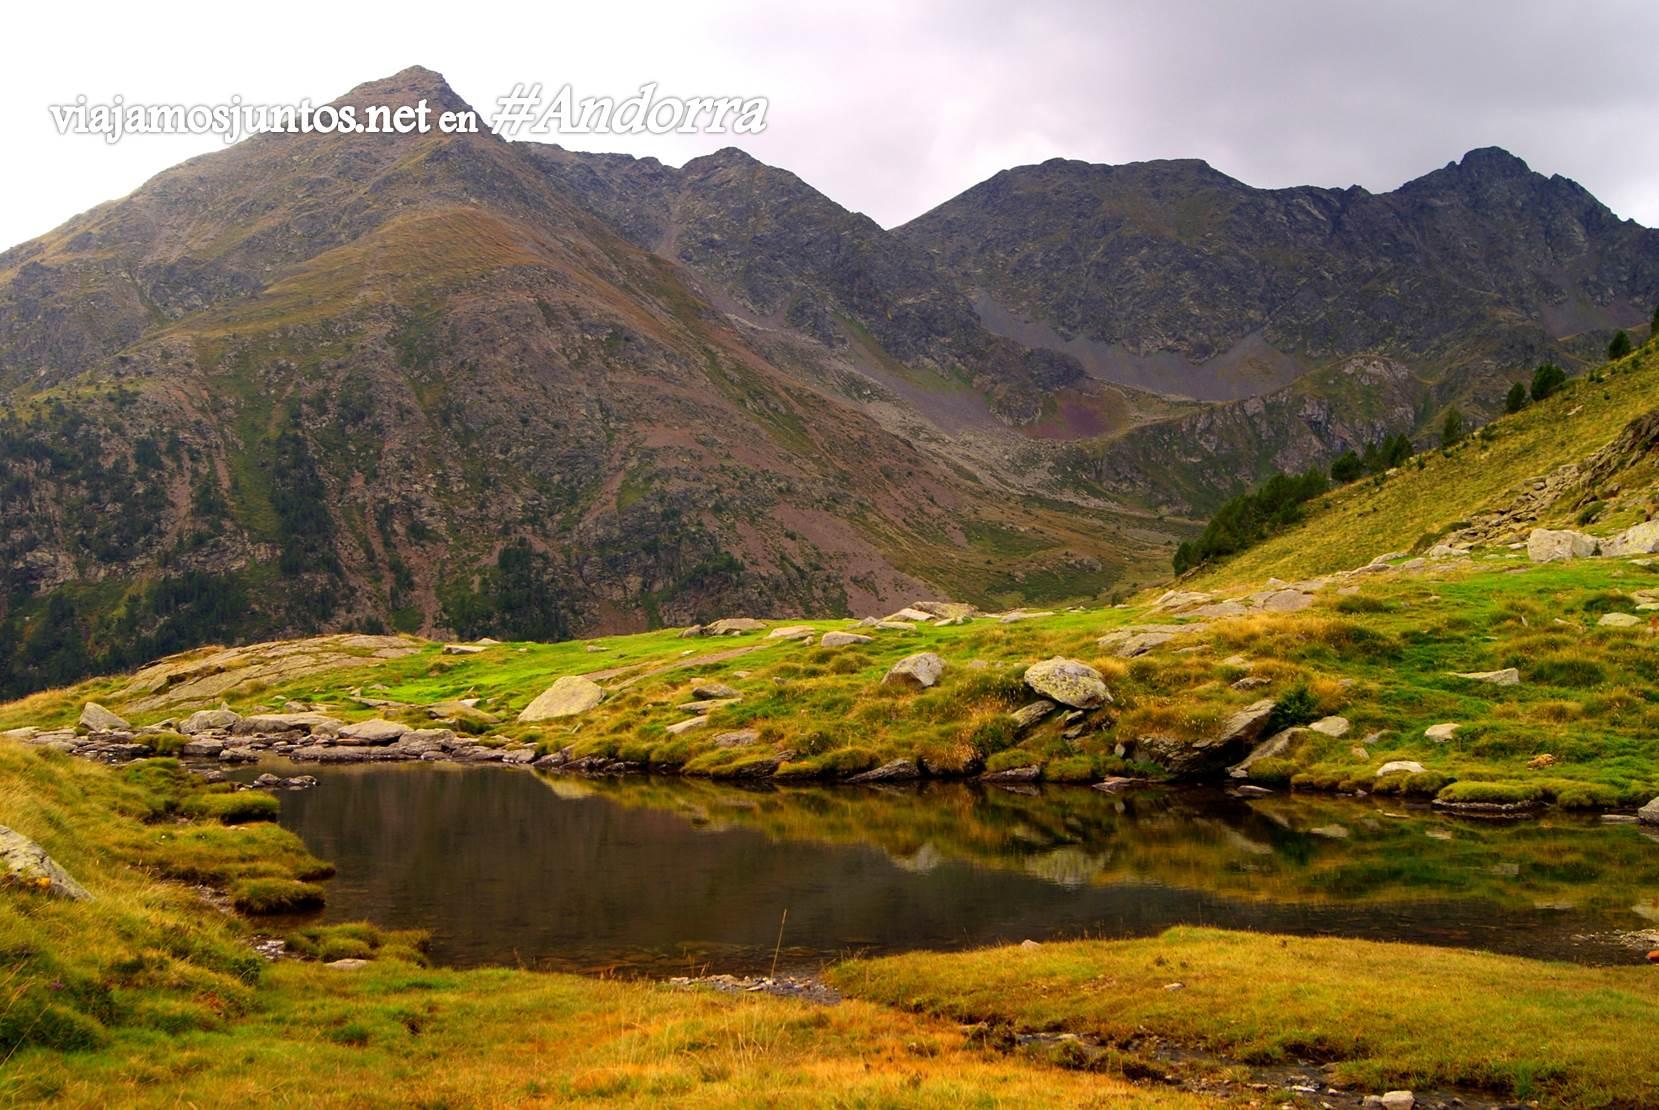 Pequeñas lagunas en los alrededores del refugio Coms de Jan, Andorra trekking, Pirineo Oriental